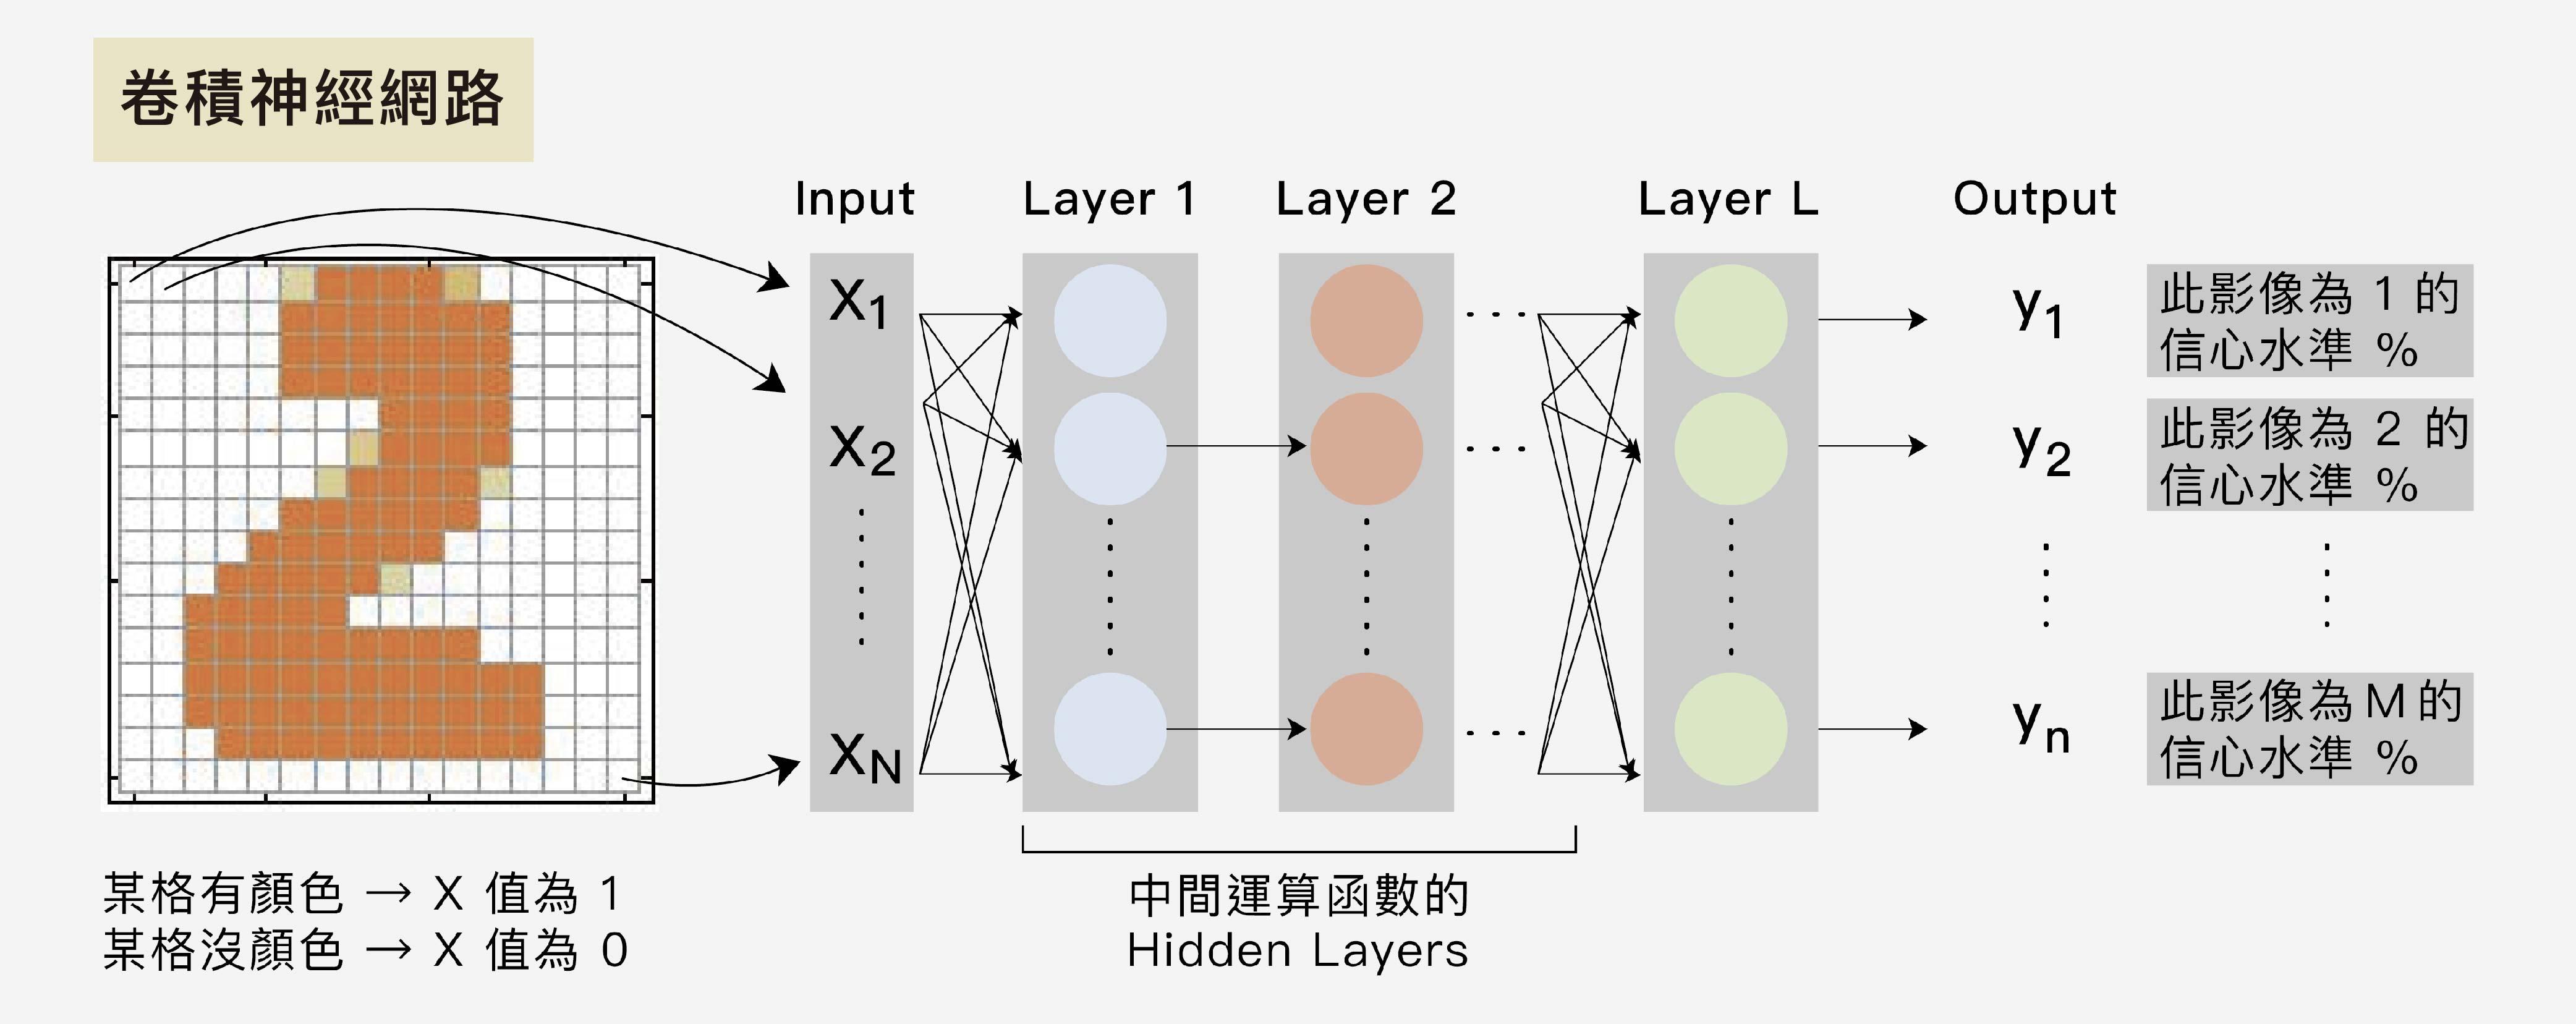 卷積神經網路運作原理圖解